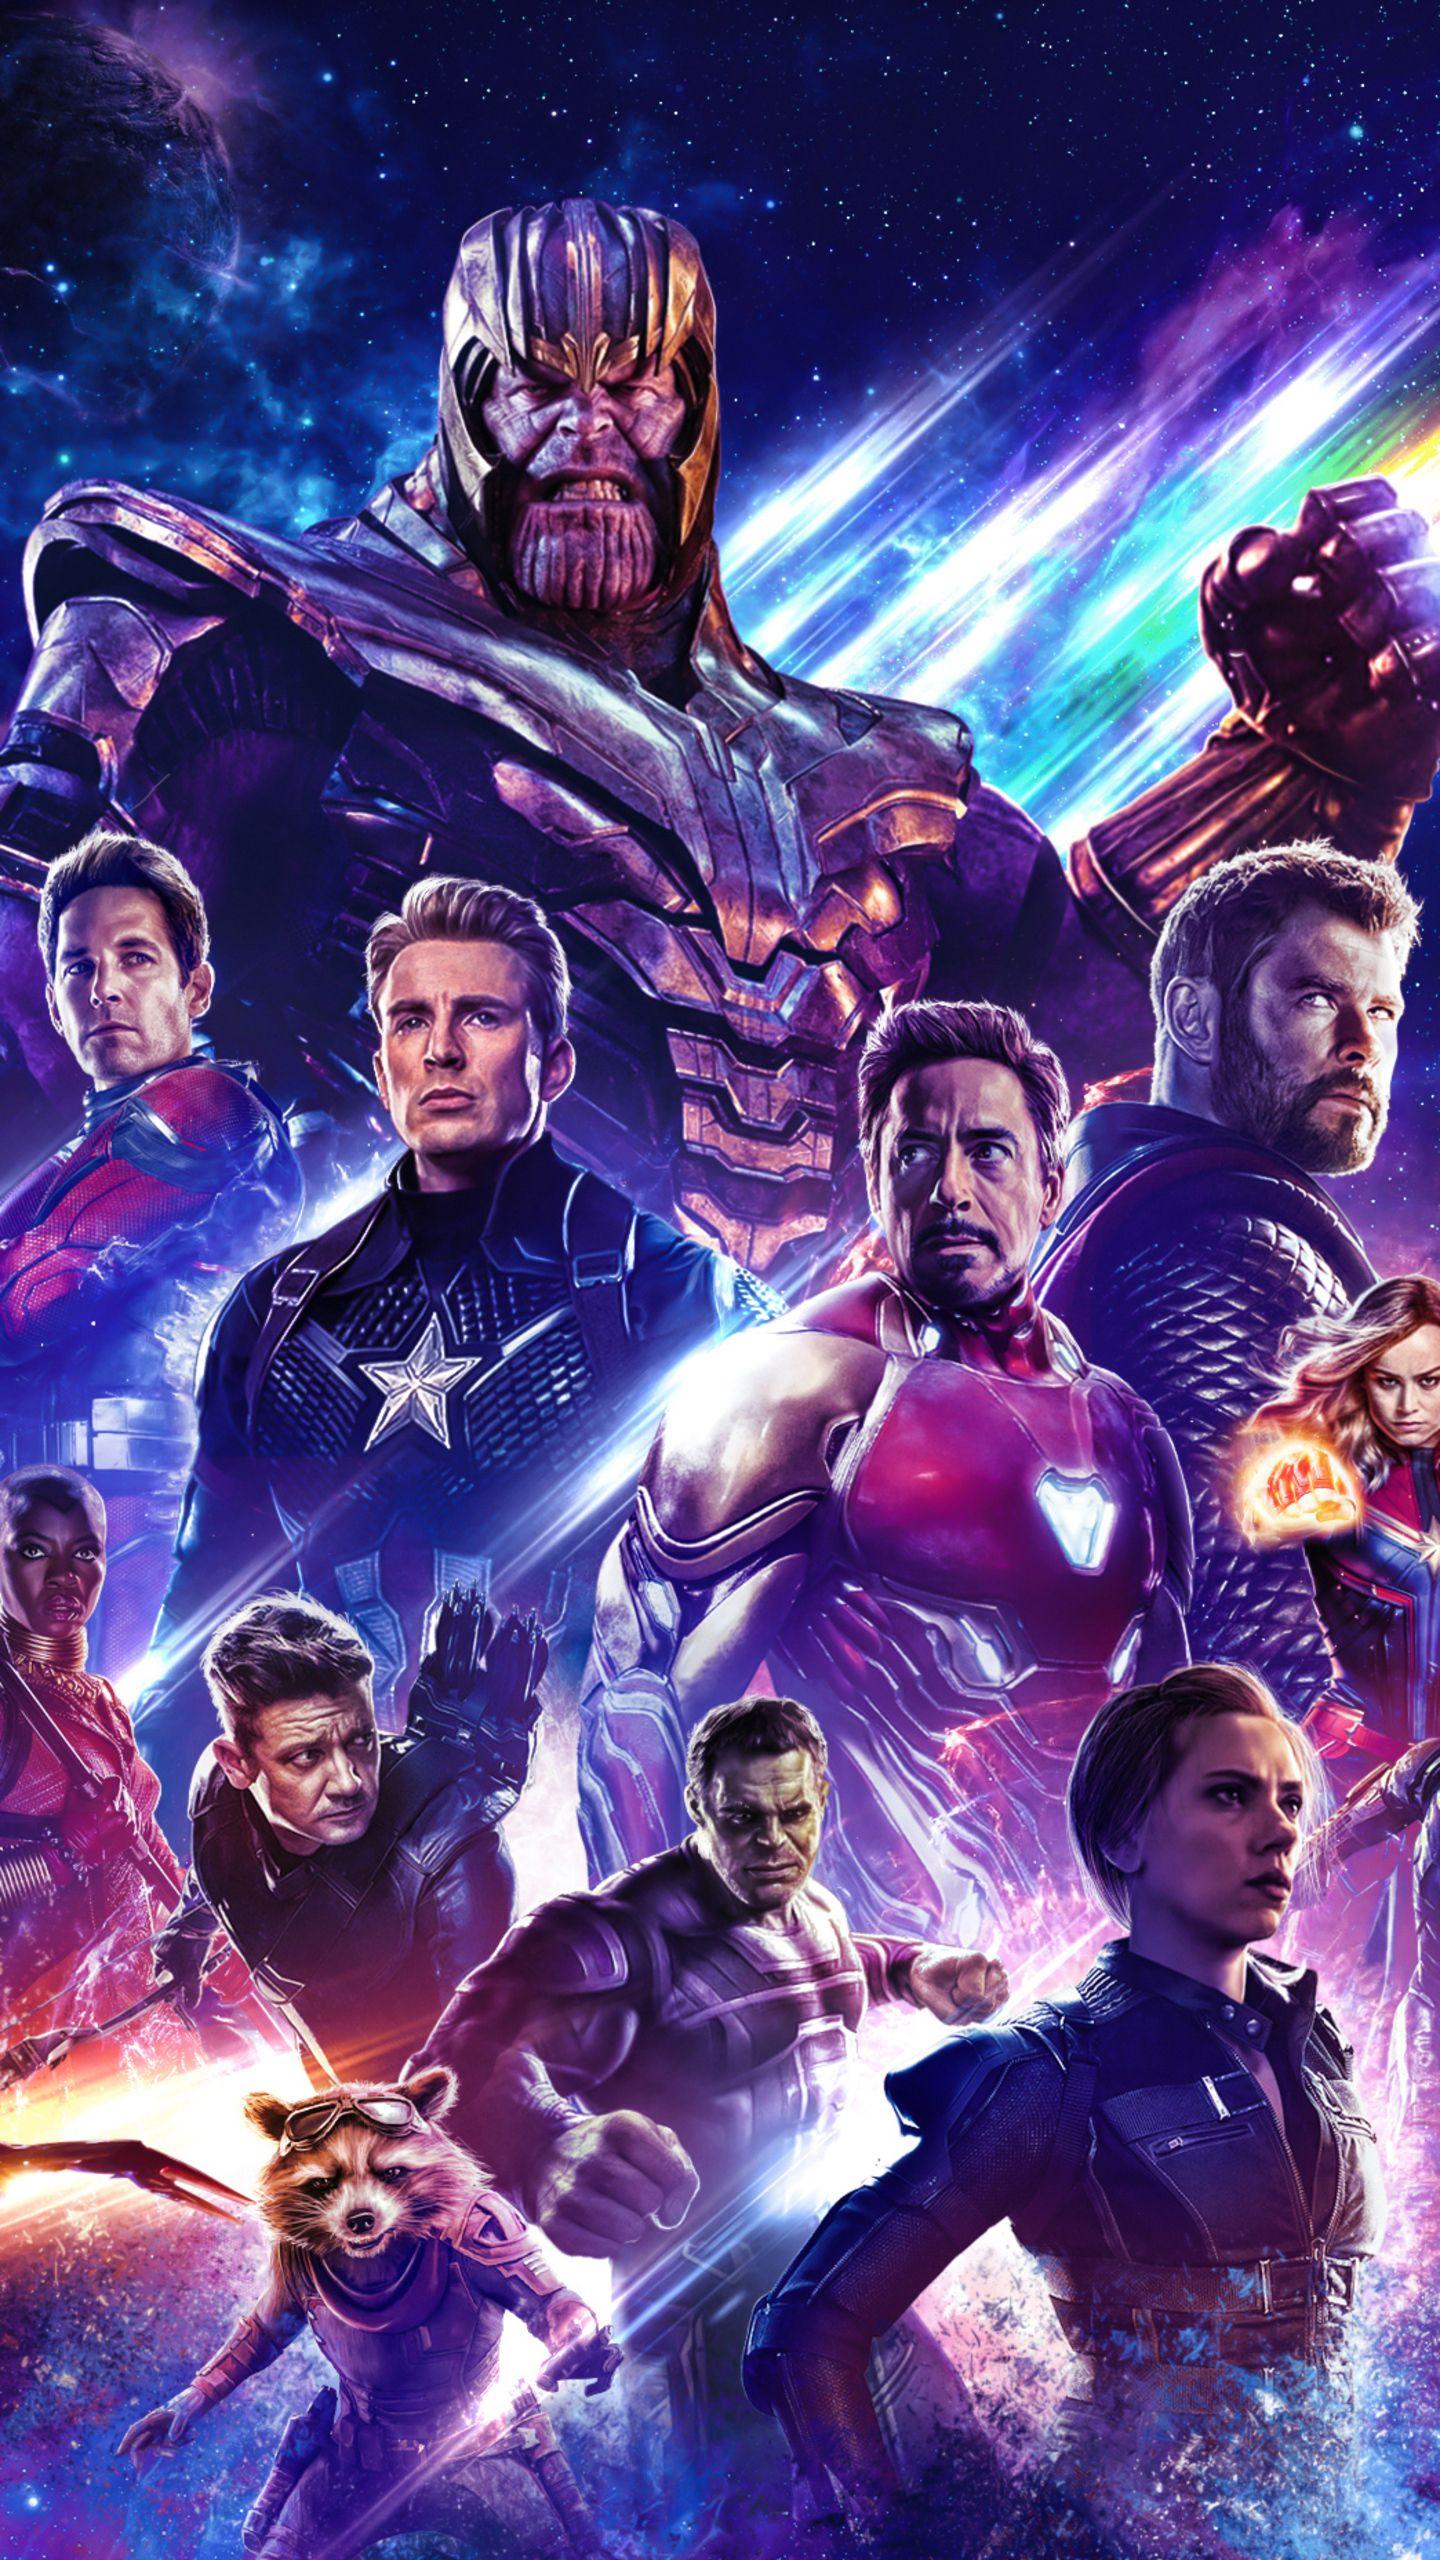 Top 100 Avengers Mobile Wallpapers For Pinterest Boards Marvel Wallpaper Marvel Comics Wallpaper Avengers Wallpaper